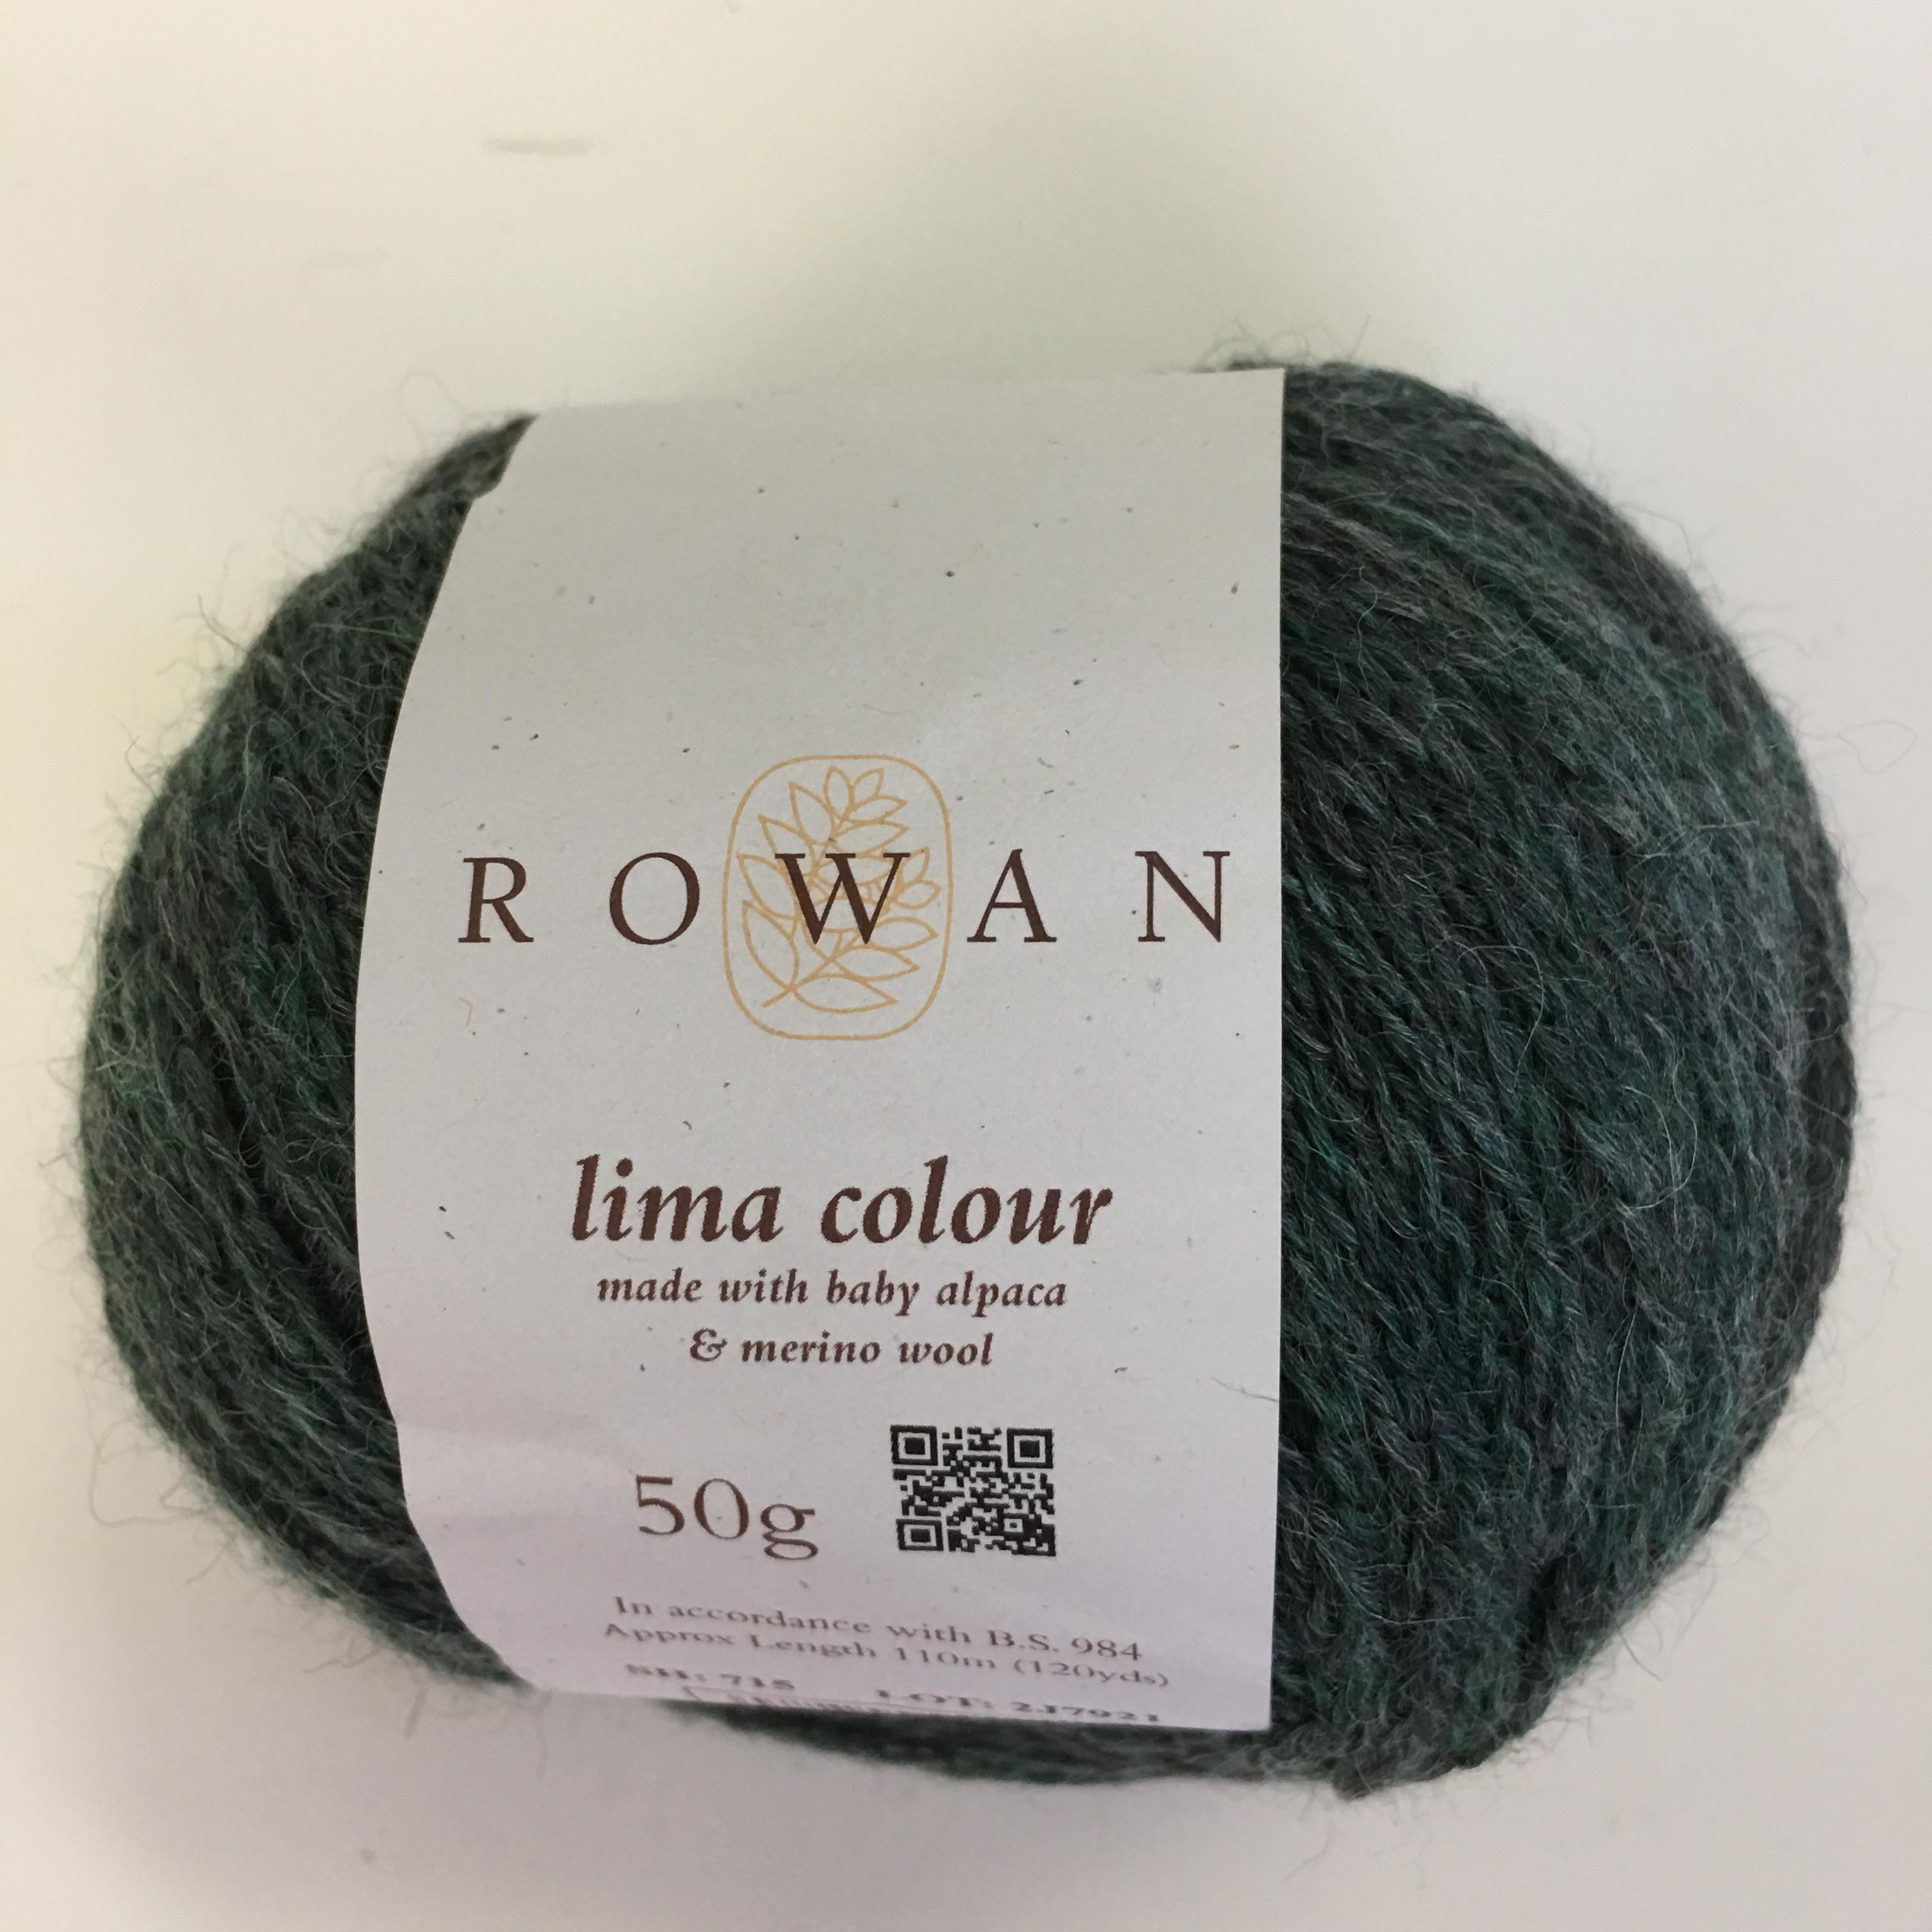 Rowan Lima Colour